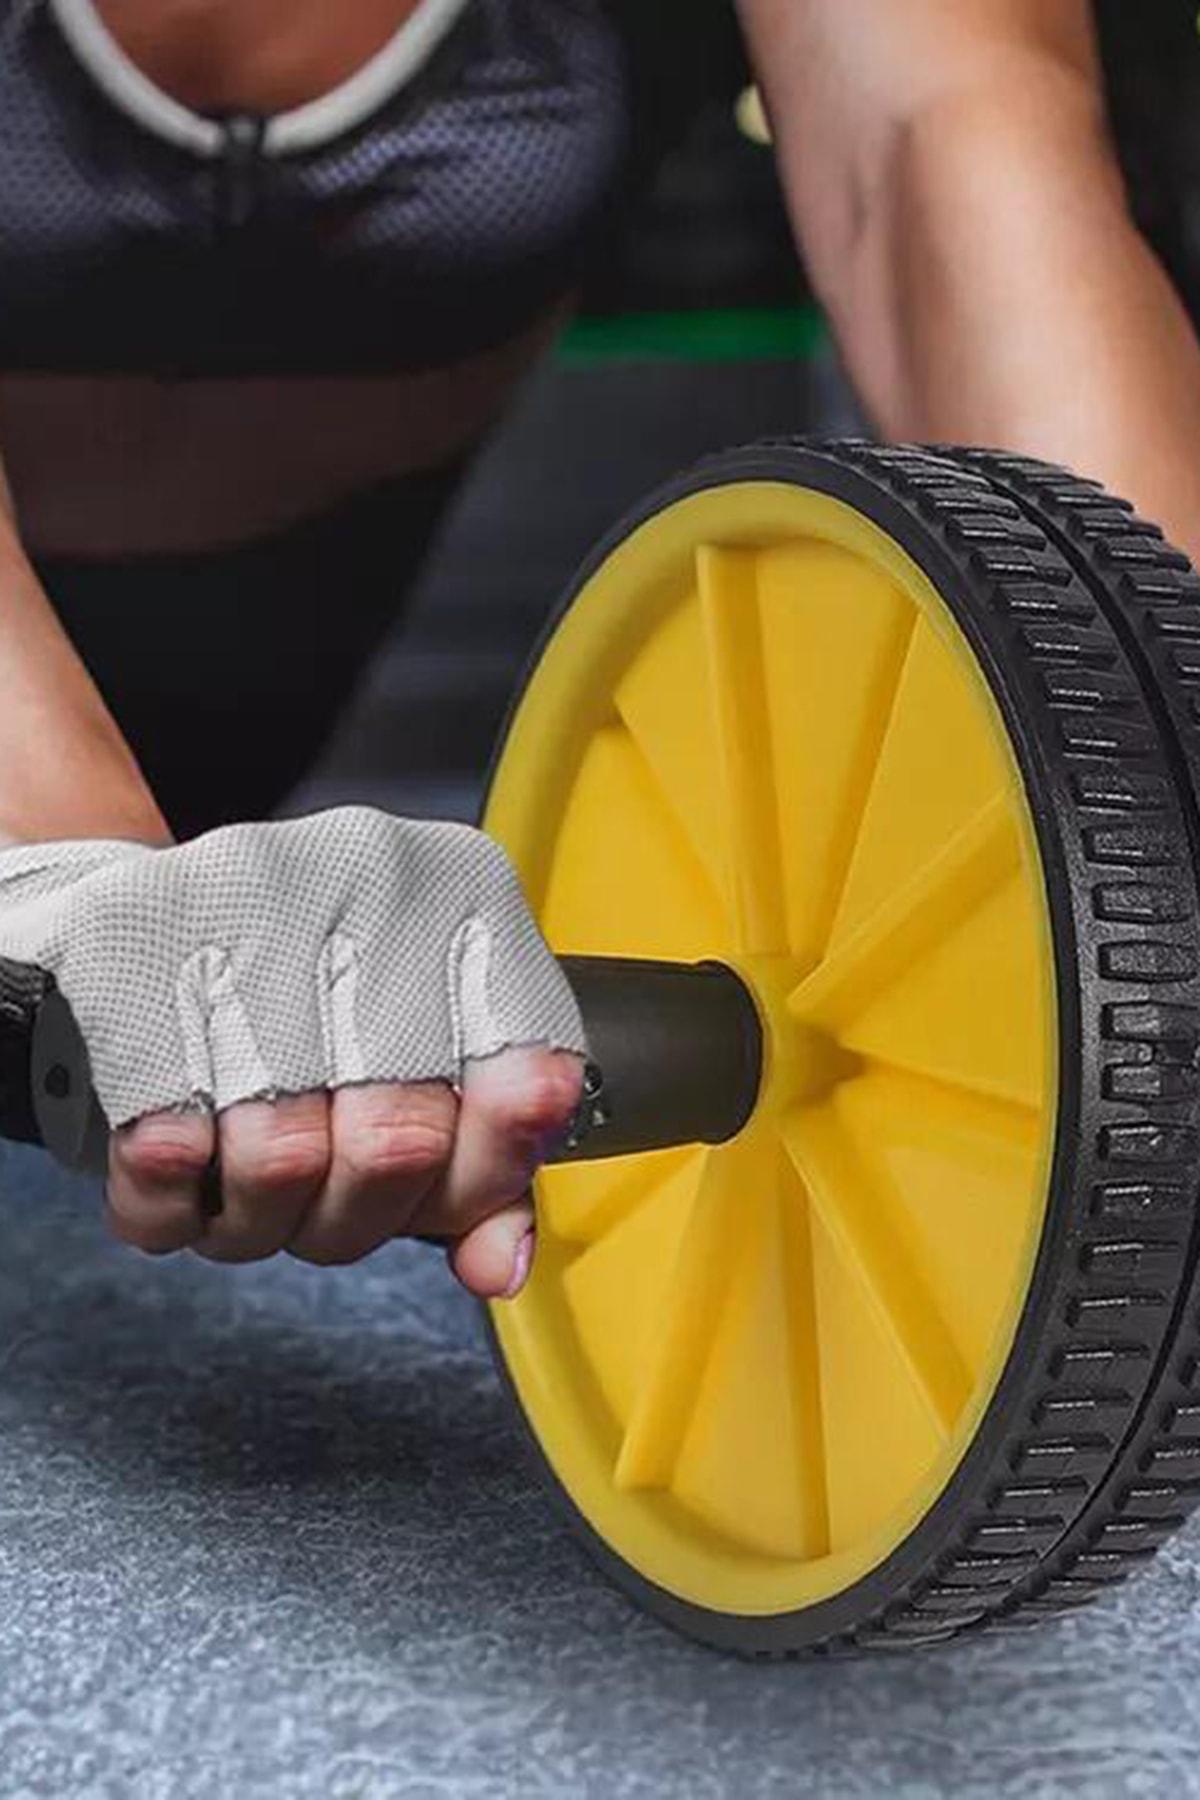 Leyaton Fitness Karın Kası Sixpack Egzersiz Tekeri Spor Aleti Sarı 4